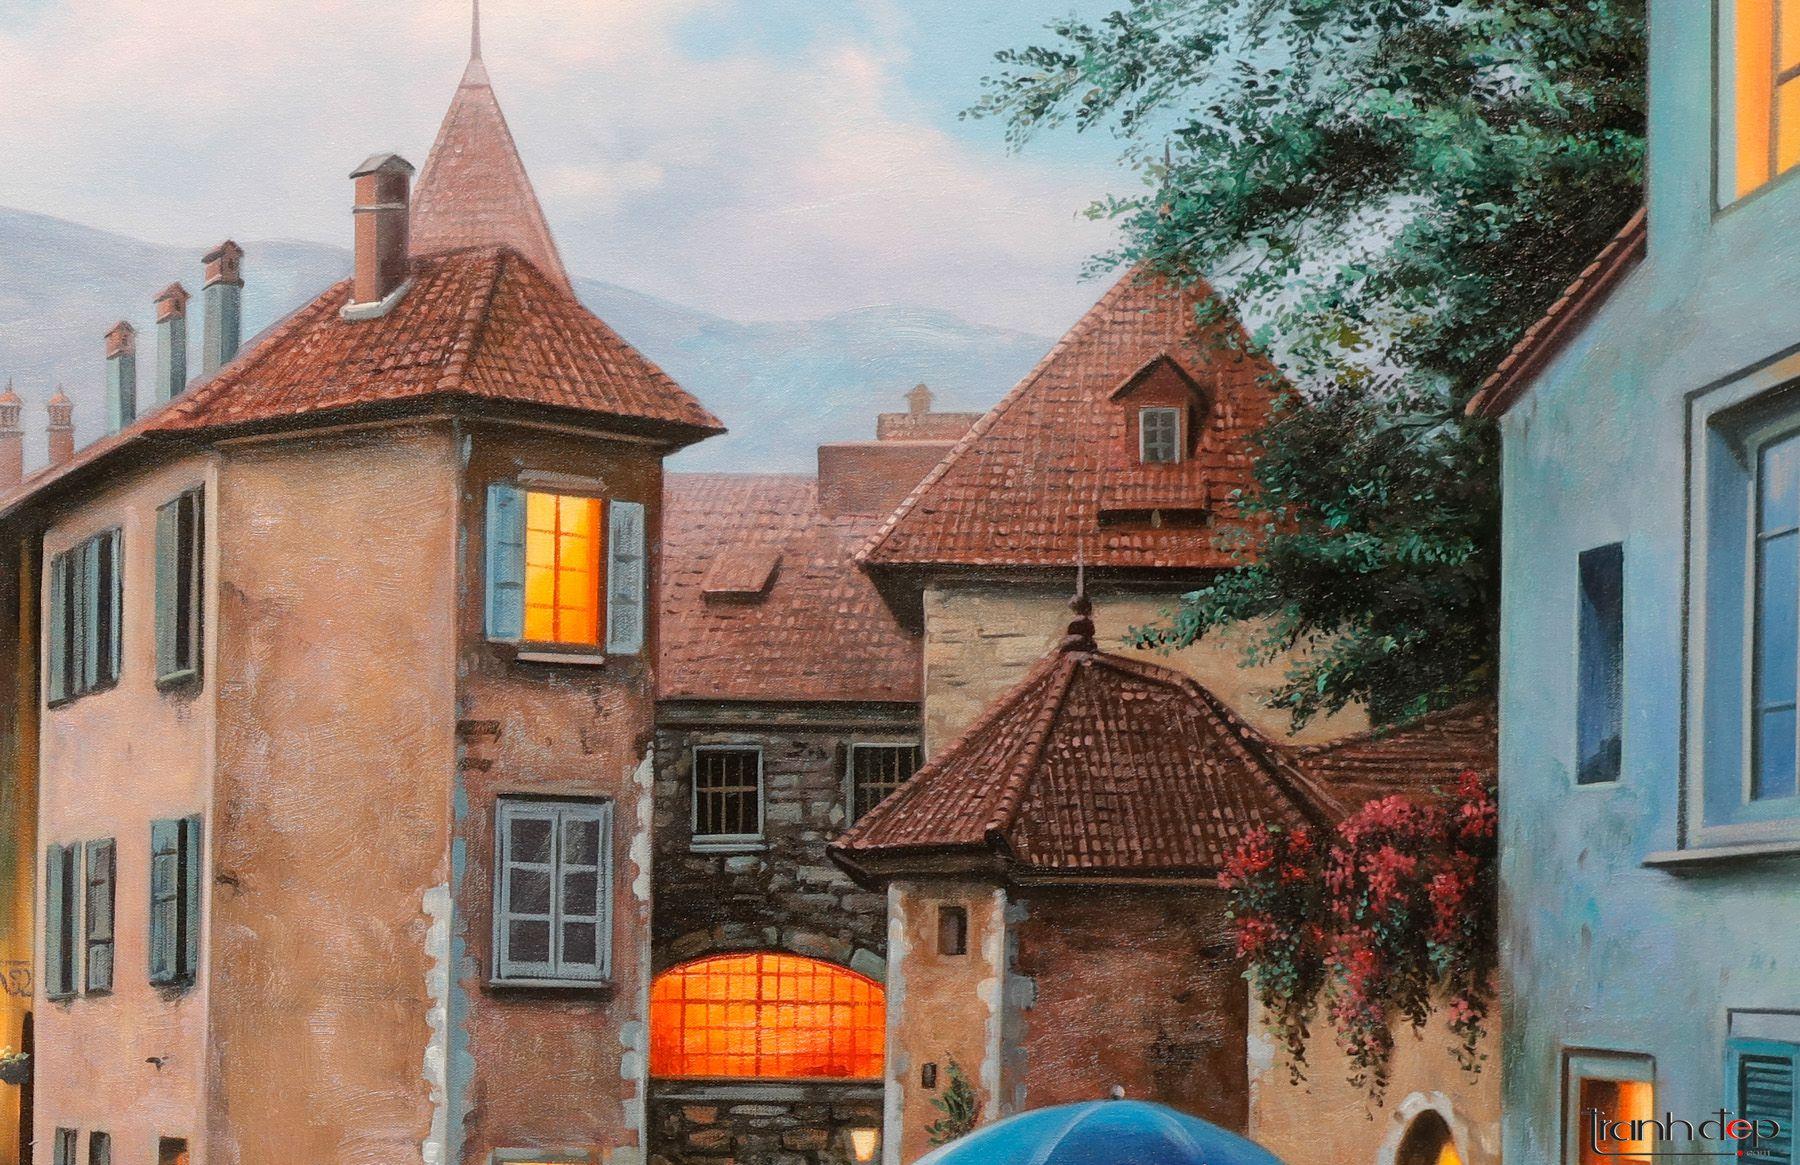 Kiến trúc Pháp cổ trong tranh